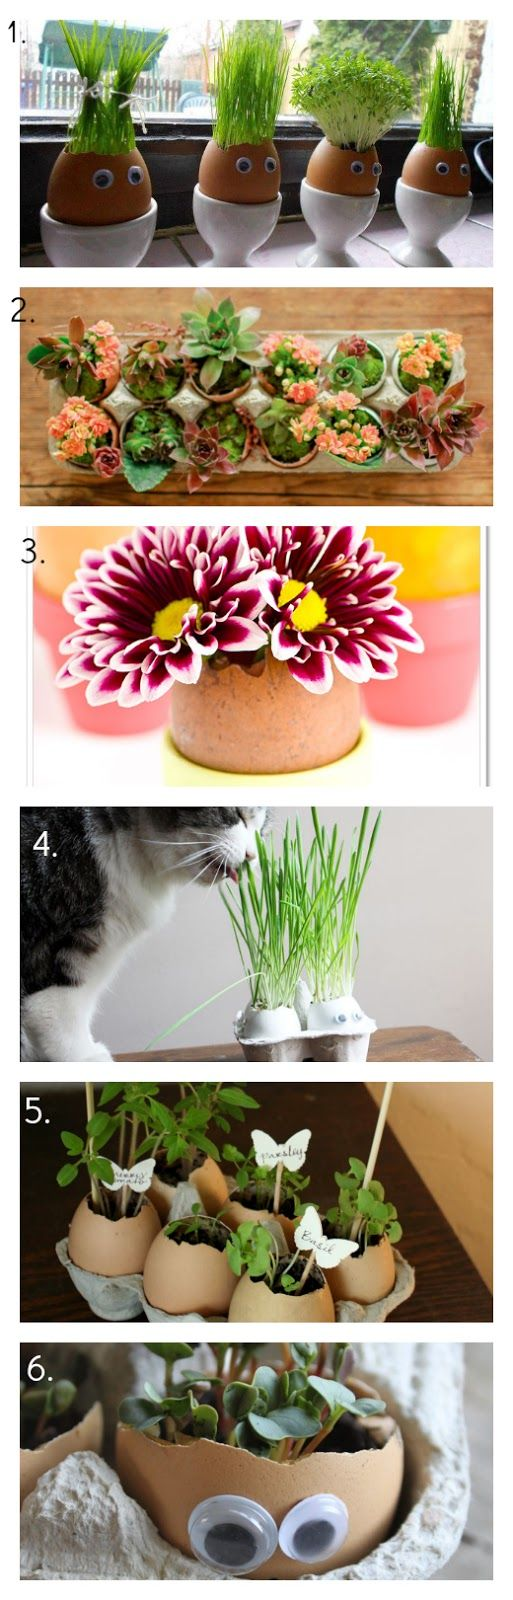 39 besten plants bilder auf pinterest zimmerpflanzen. Black Bedroom Furniture Sets. Home Design Ideas